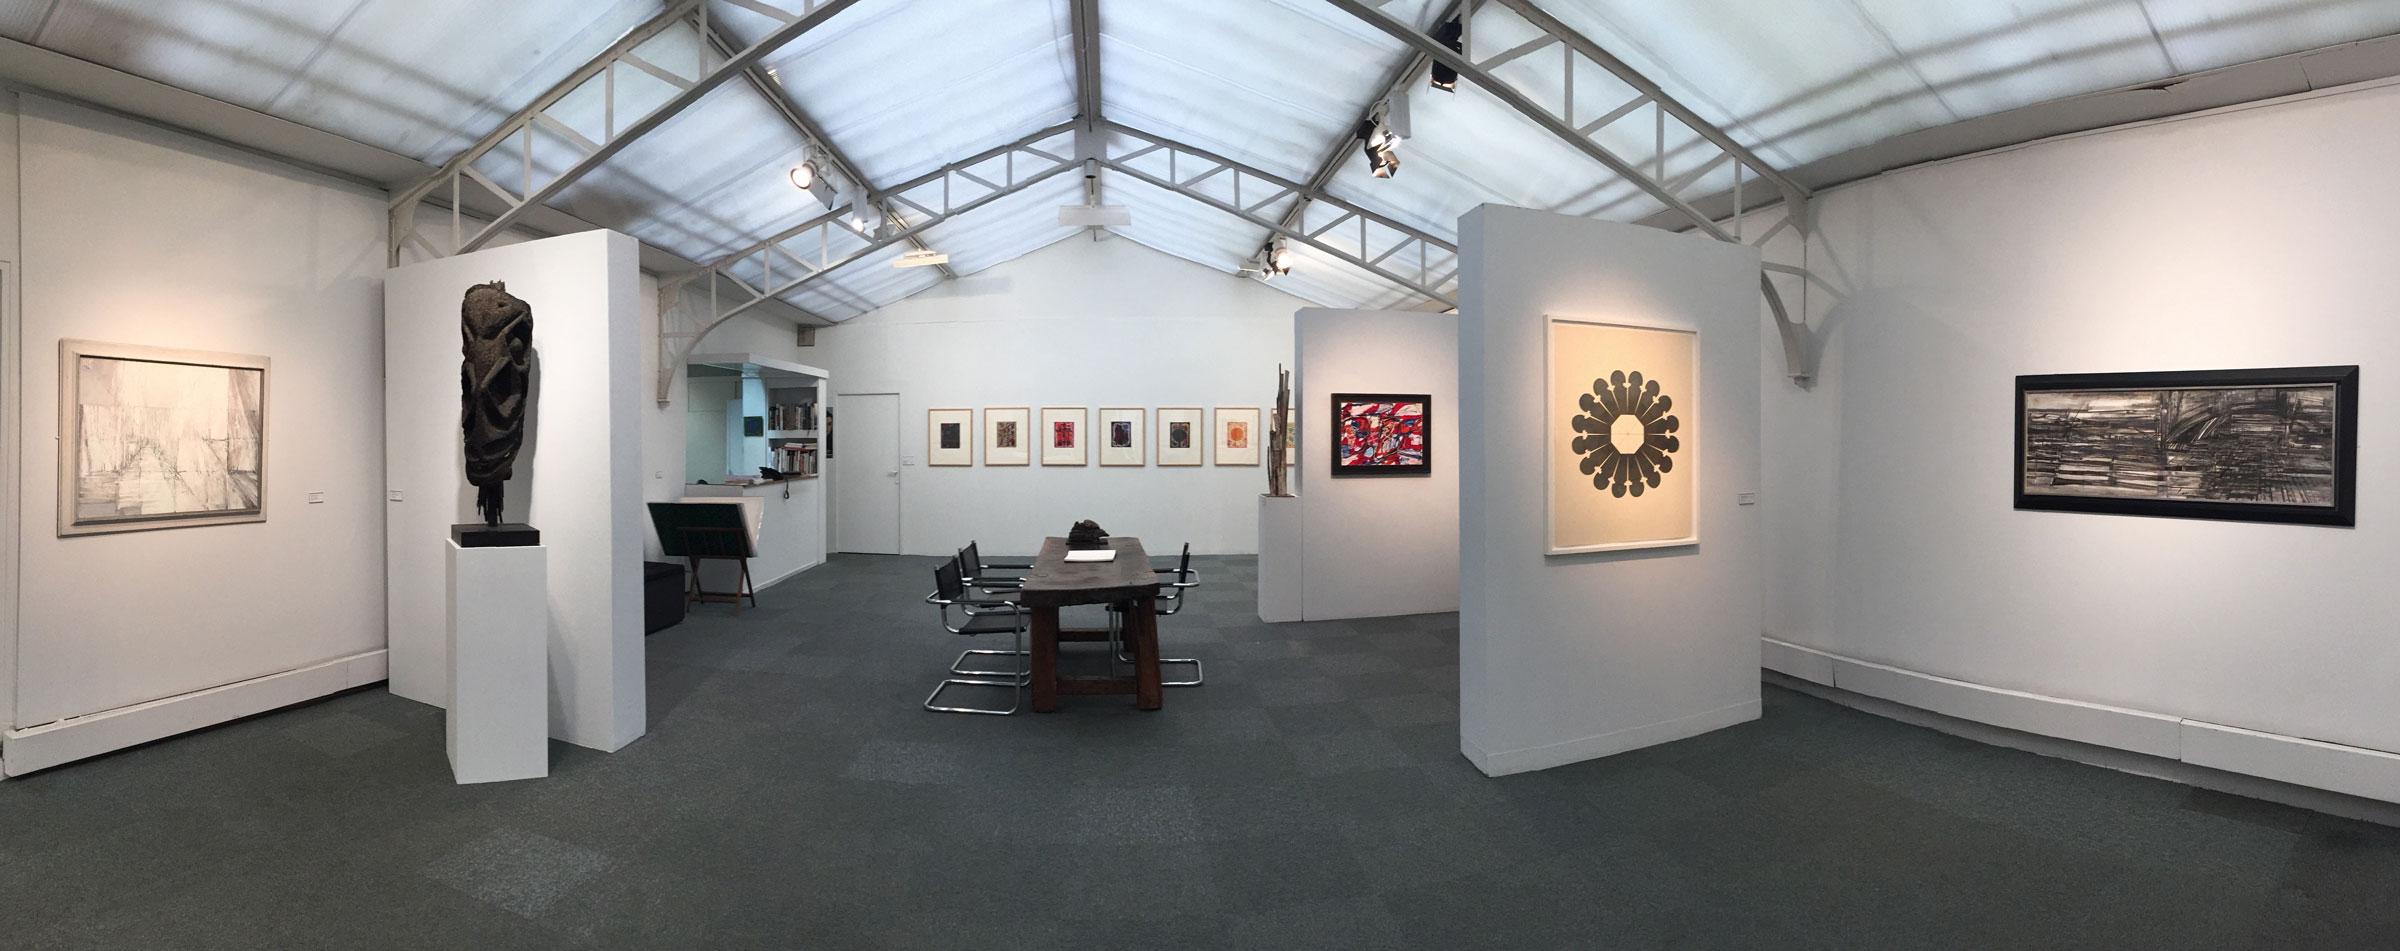 Dialogue viii jeanne bucher jaeger galerie d 39 art paris - Galerie street art paris ...